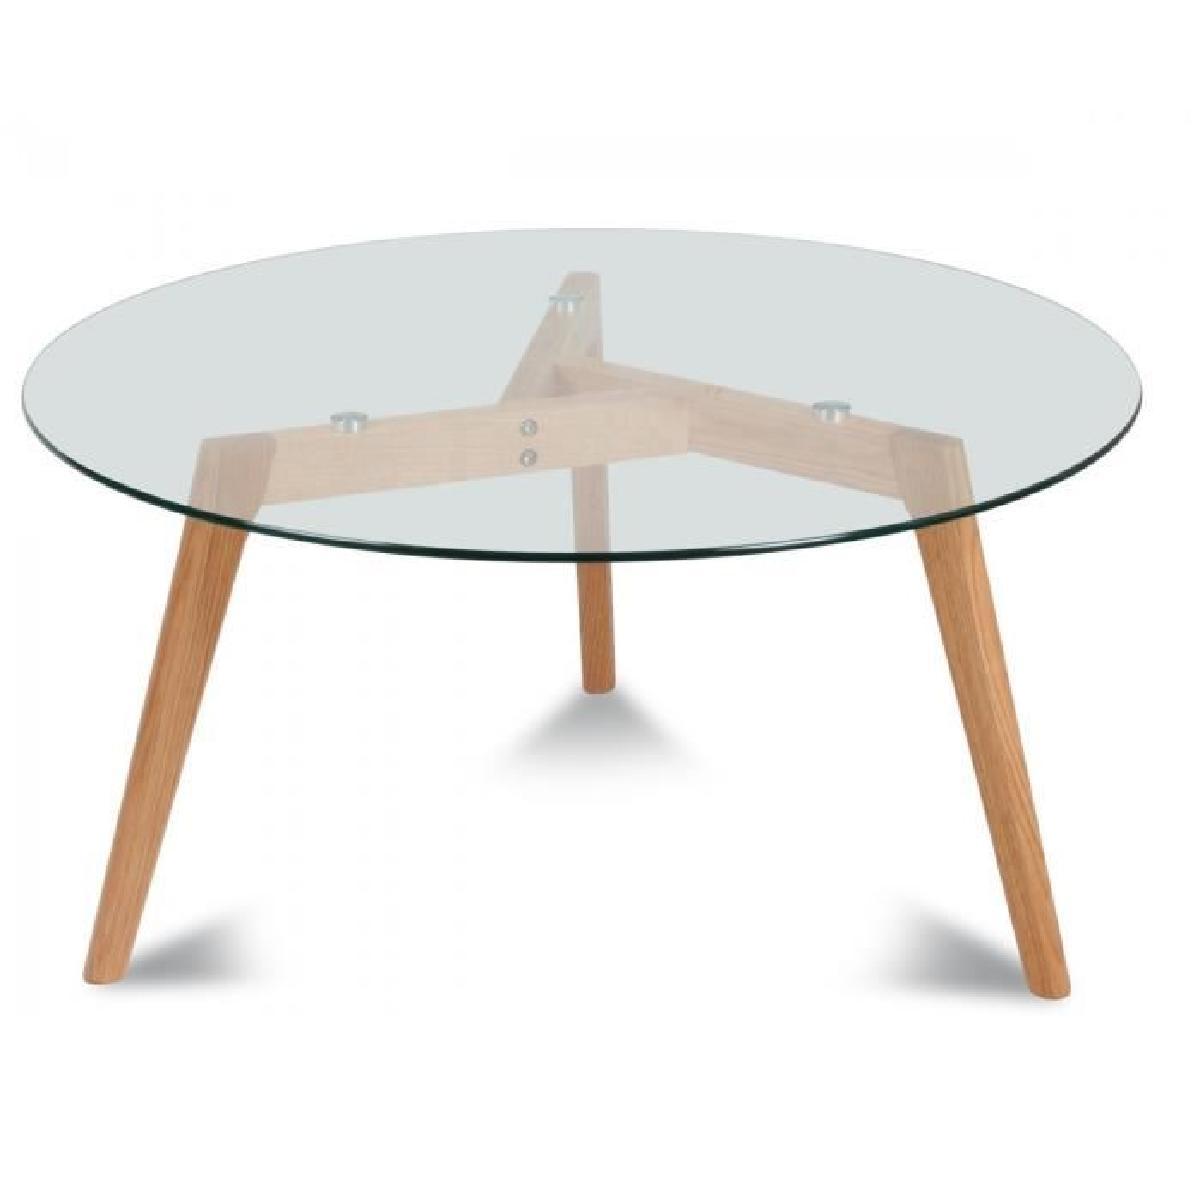 Table basse ronde hauteur 60 cm - lille-menage.fr maison 859cb6b42b1e